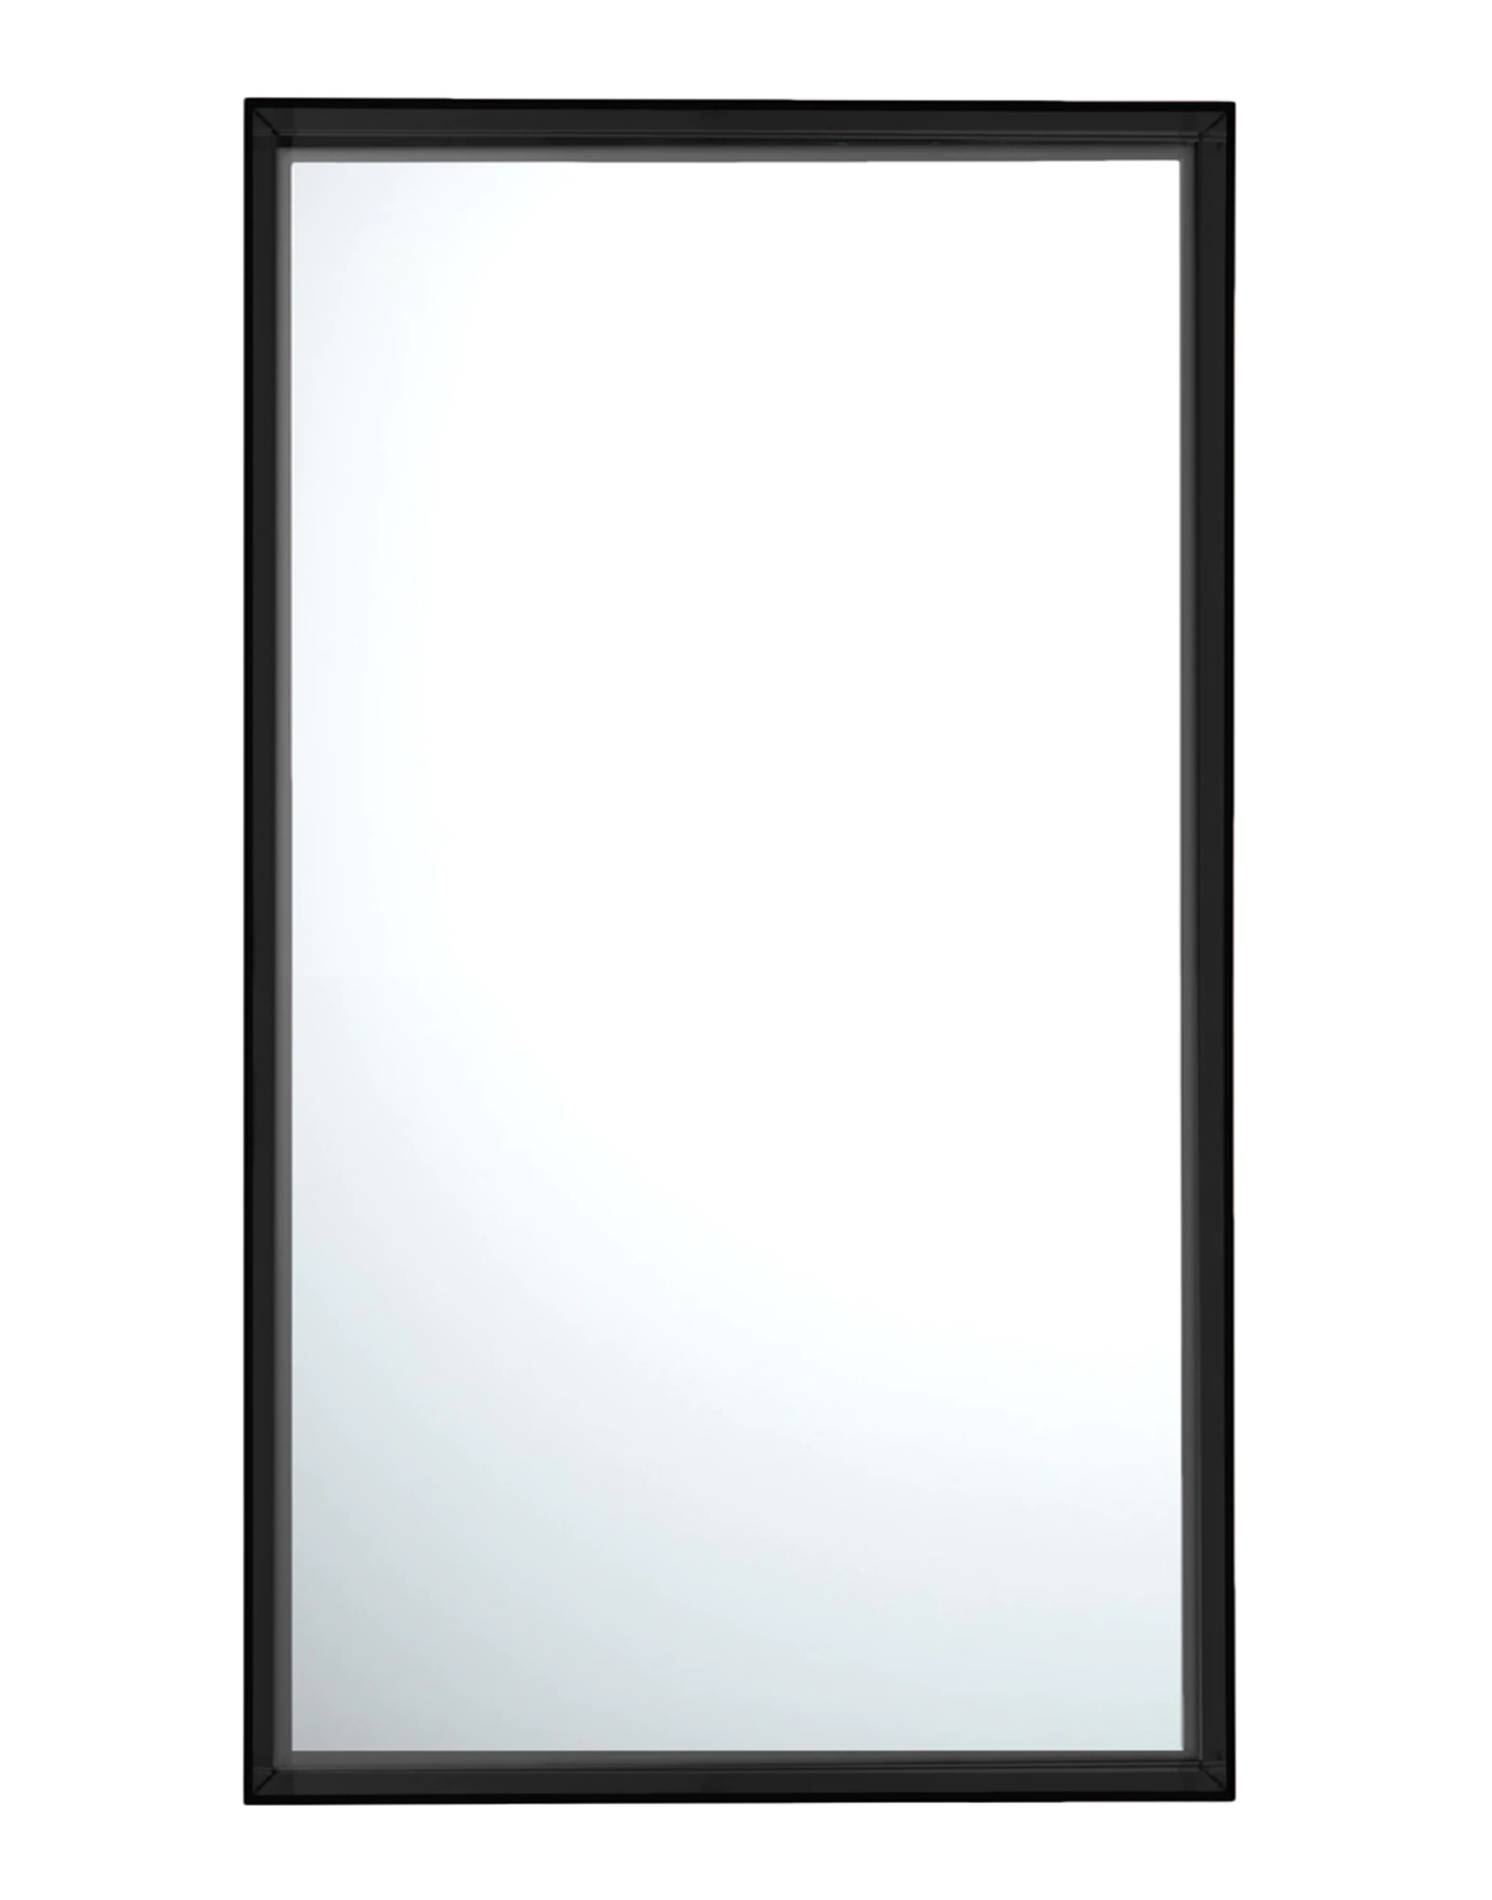 Only Me Spiegel 80 x 180 cm, schwarz